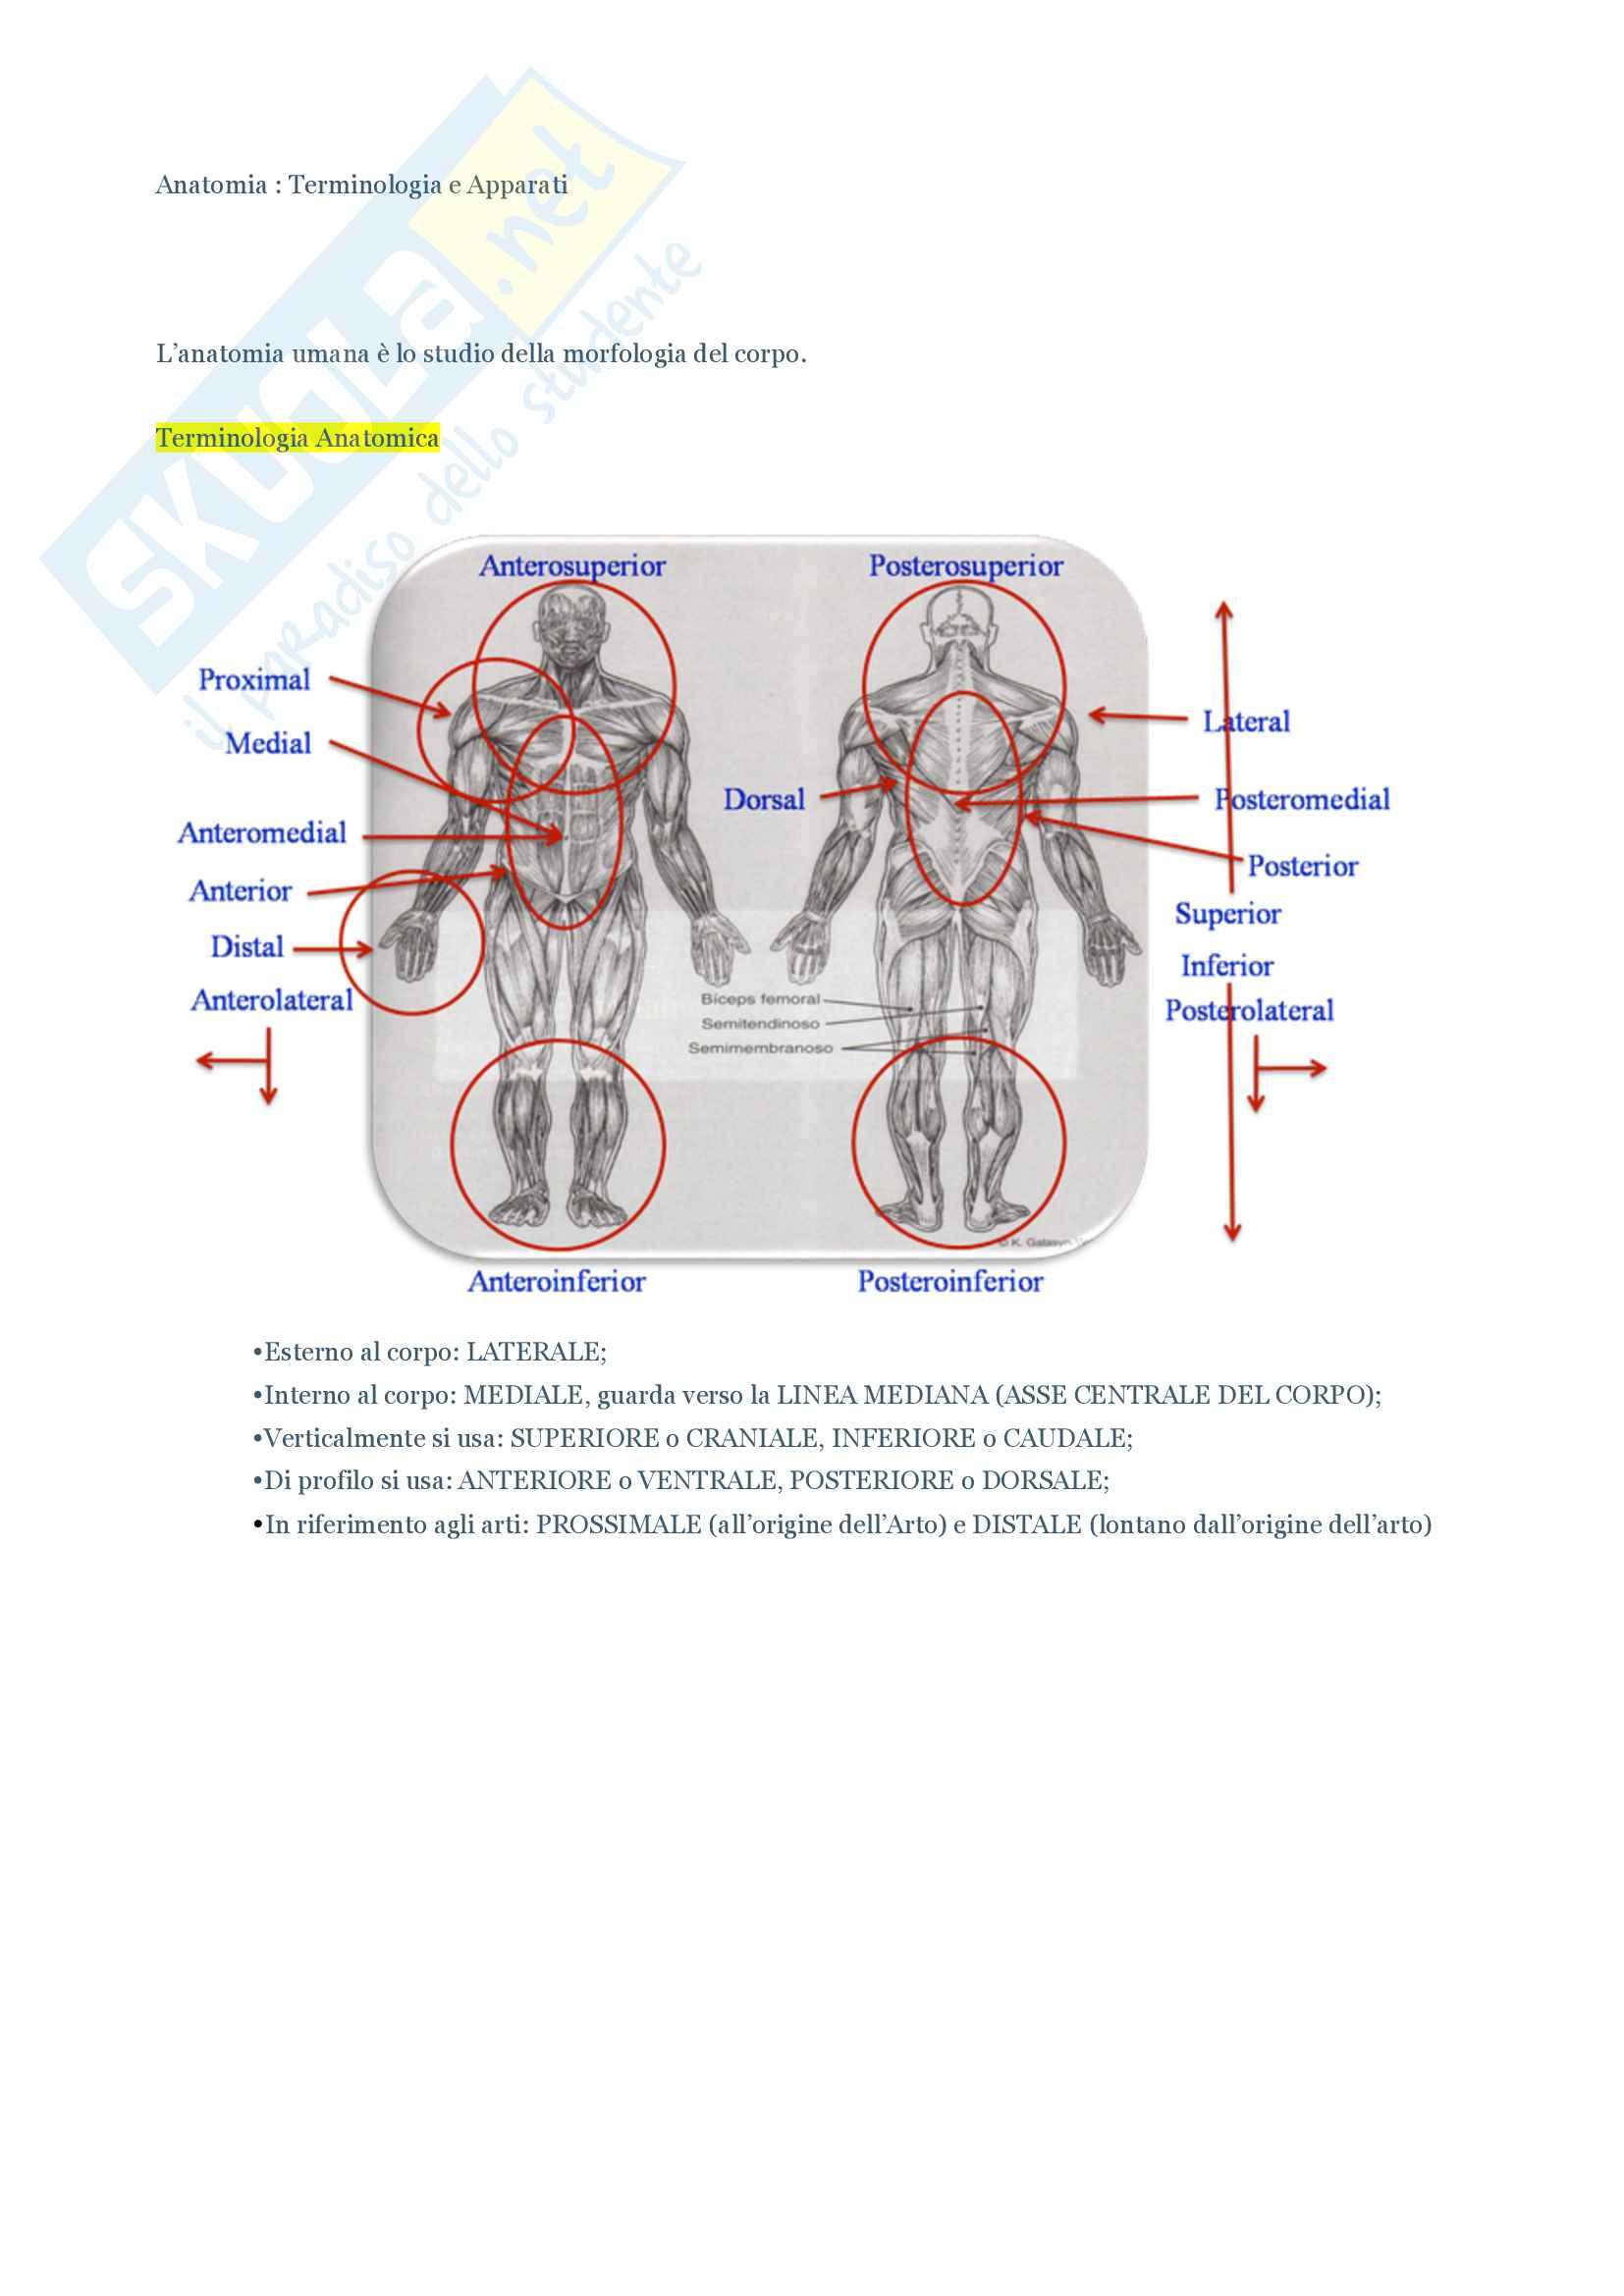 Anatomia Terminologia e Apparati